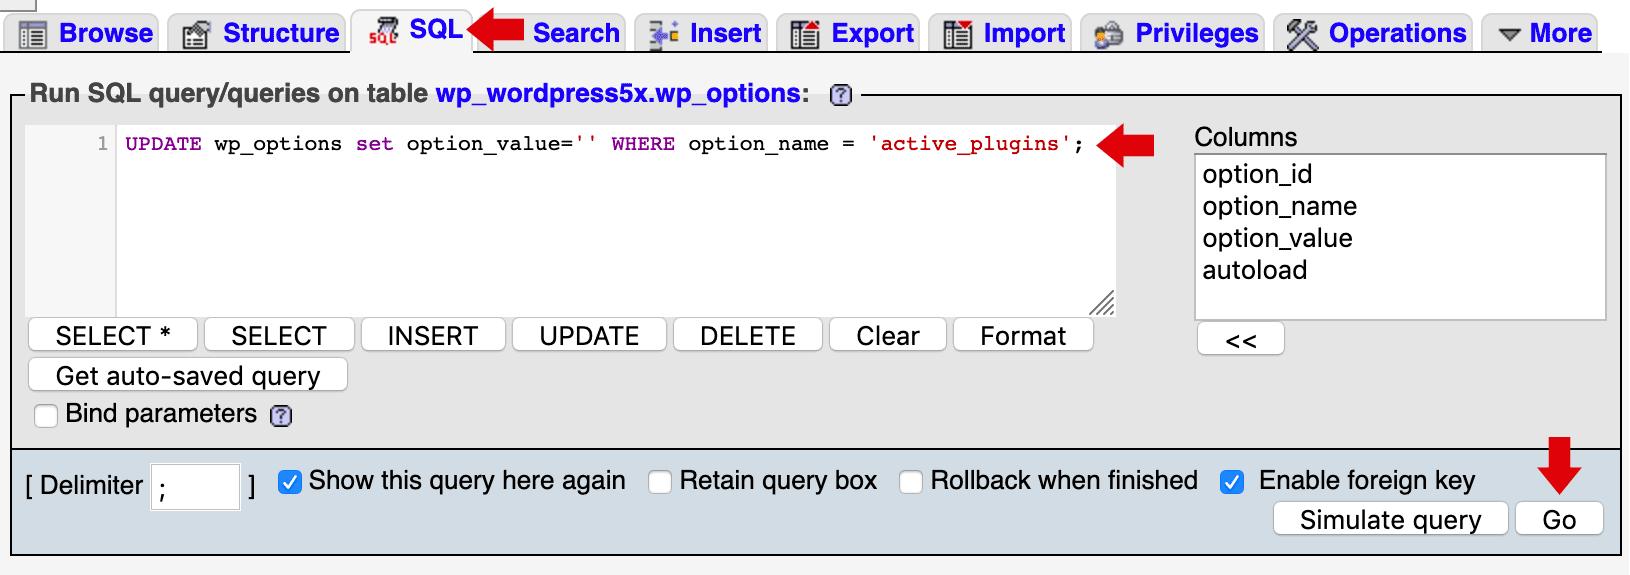 Desactivar plugins usando PHPMyAdmin y una sentencia SQL